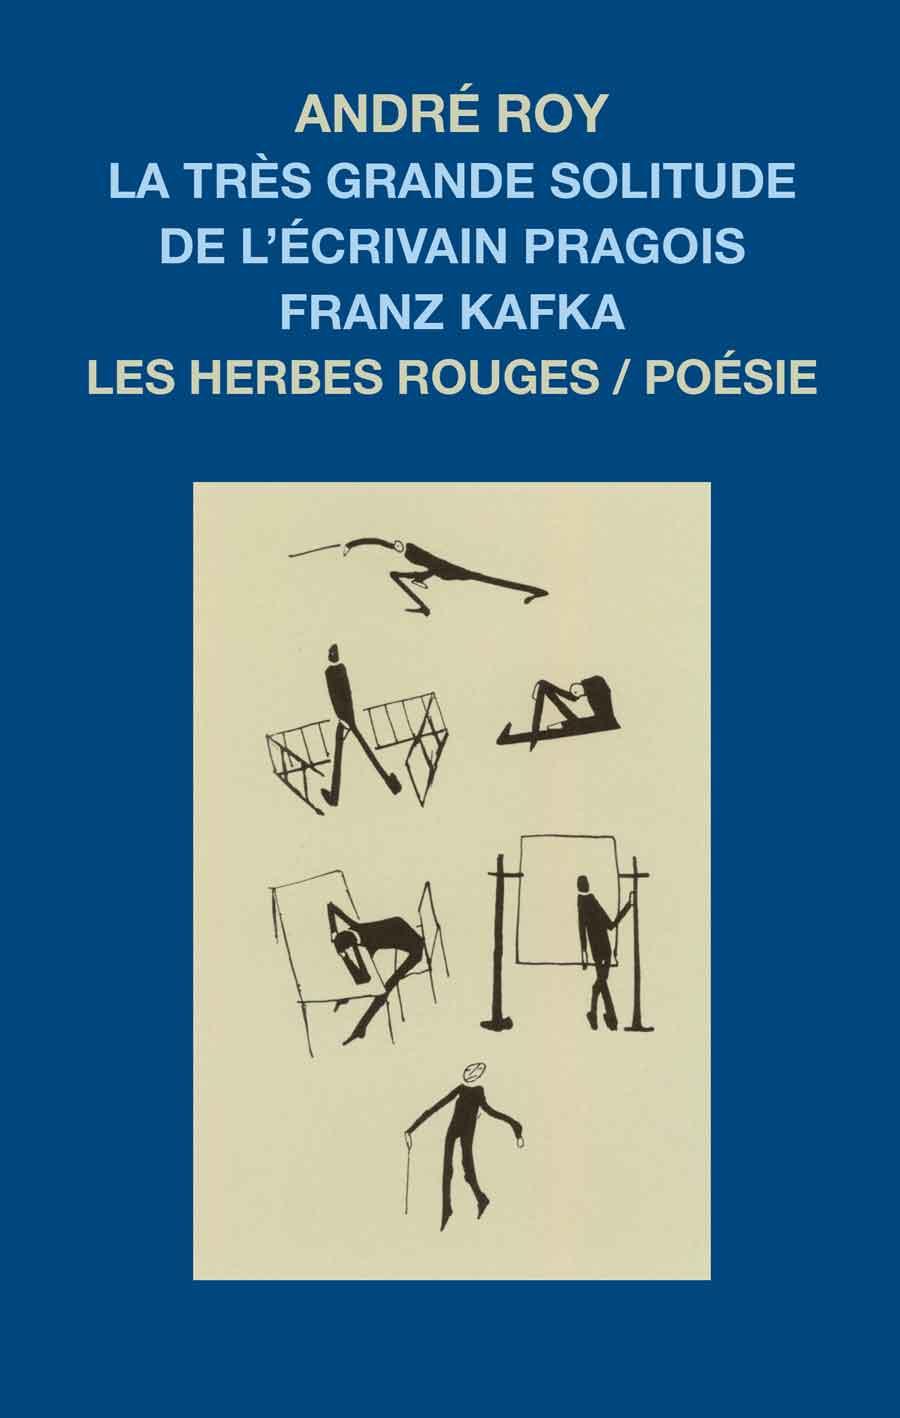 La très grande solitude de l'écrivain pragois Franz Kafka     André roy , 2014